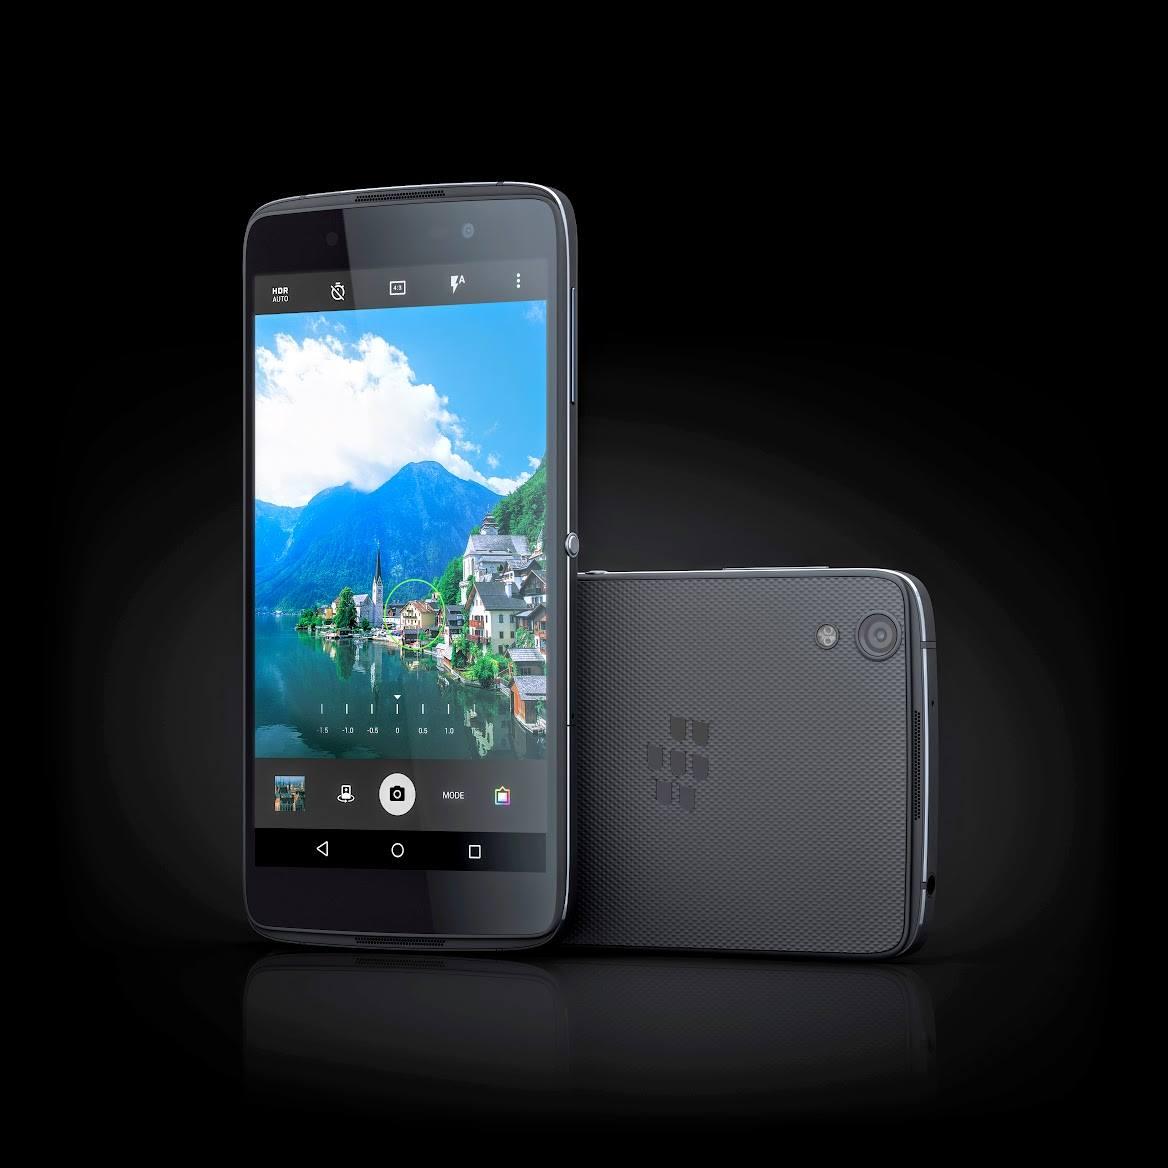 BlackBerry DTEK50 análisis, características, libre, barato, review del móvil Android más seguro del mundo